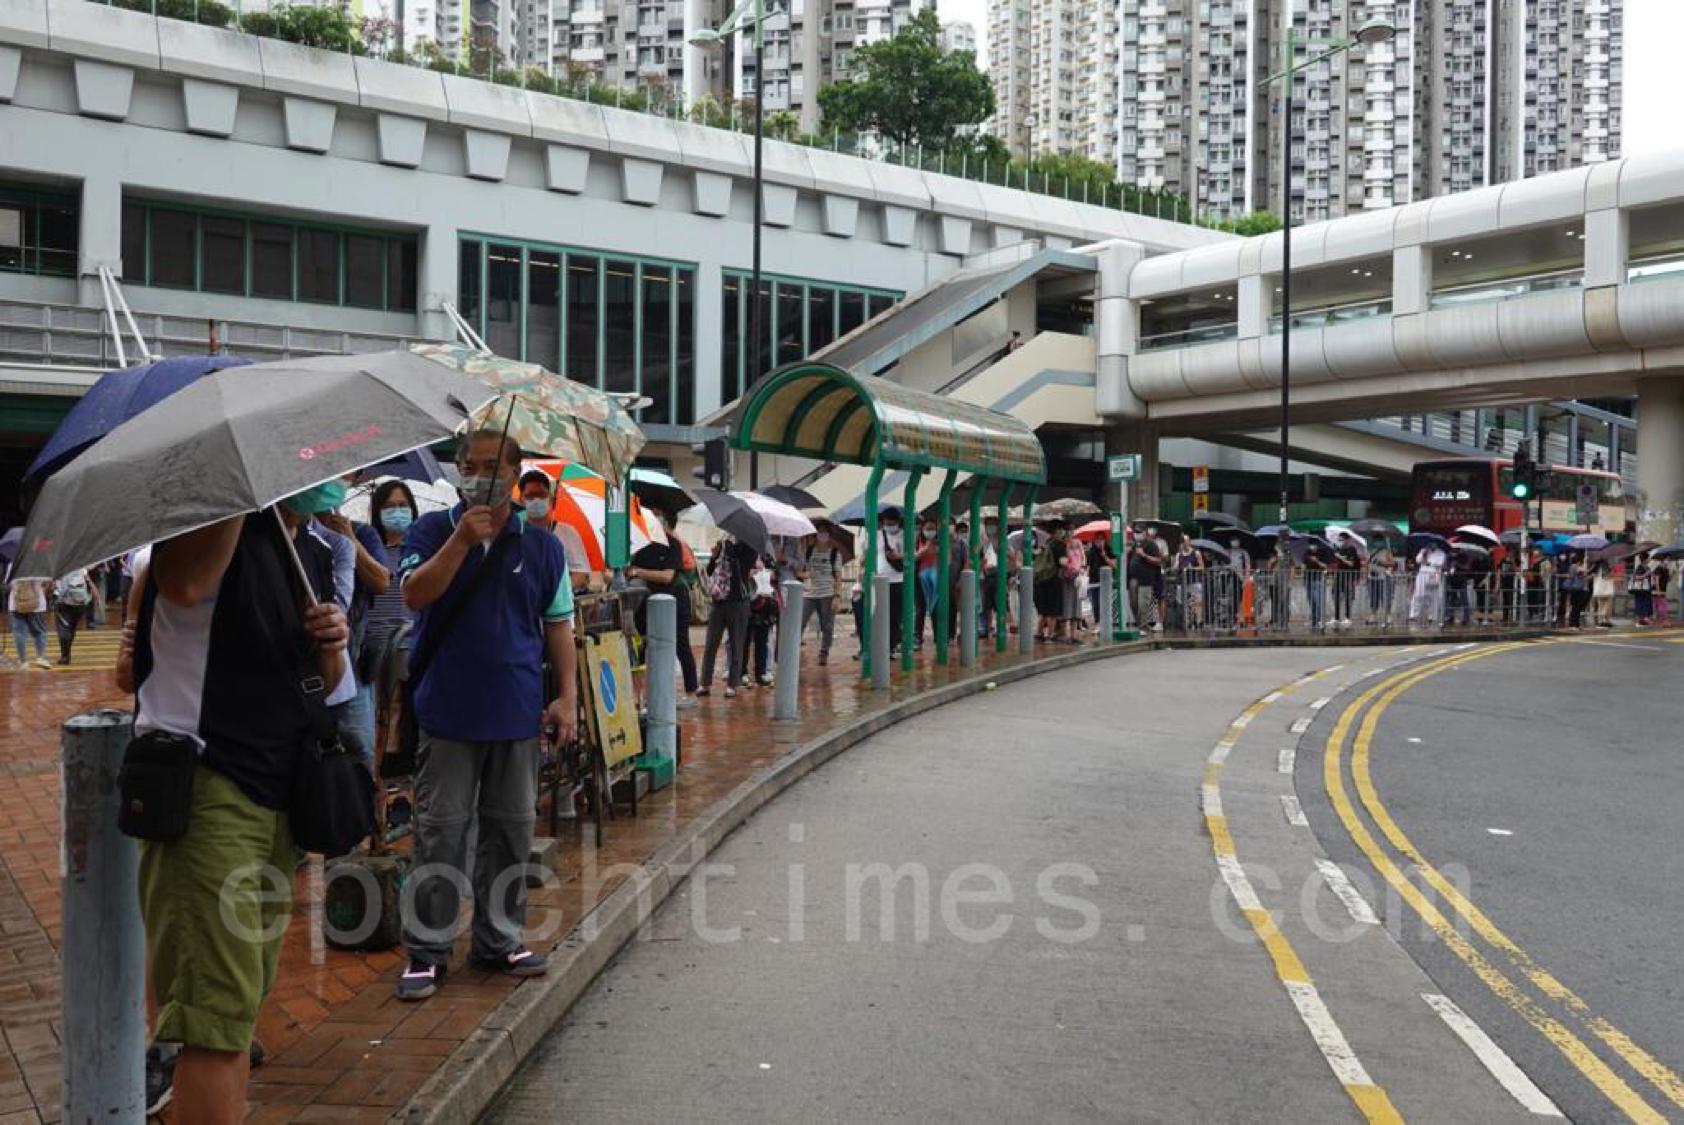 市民陸續返工,有巴士站已現人龍。(余鋼/大紀元)